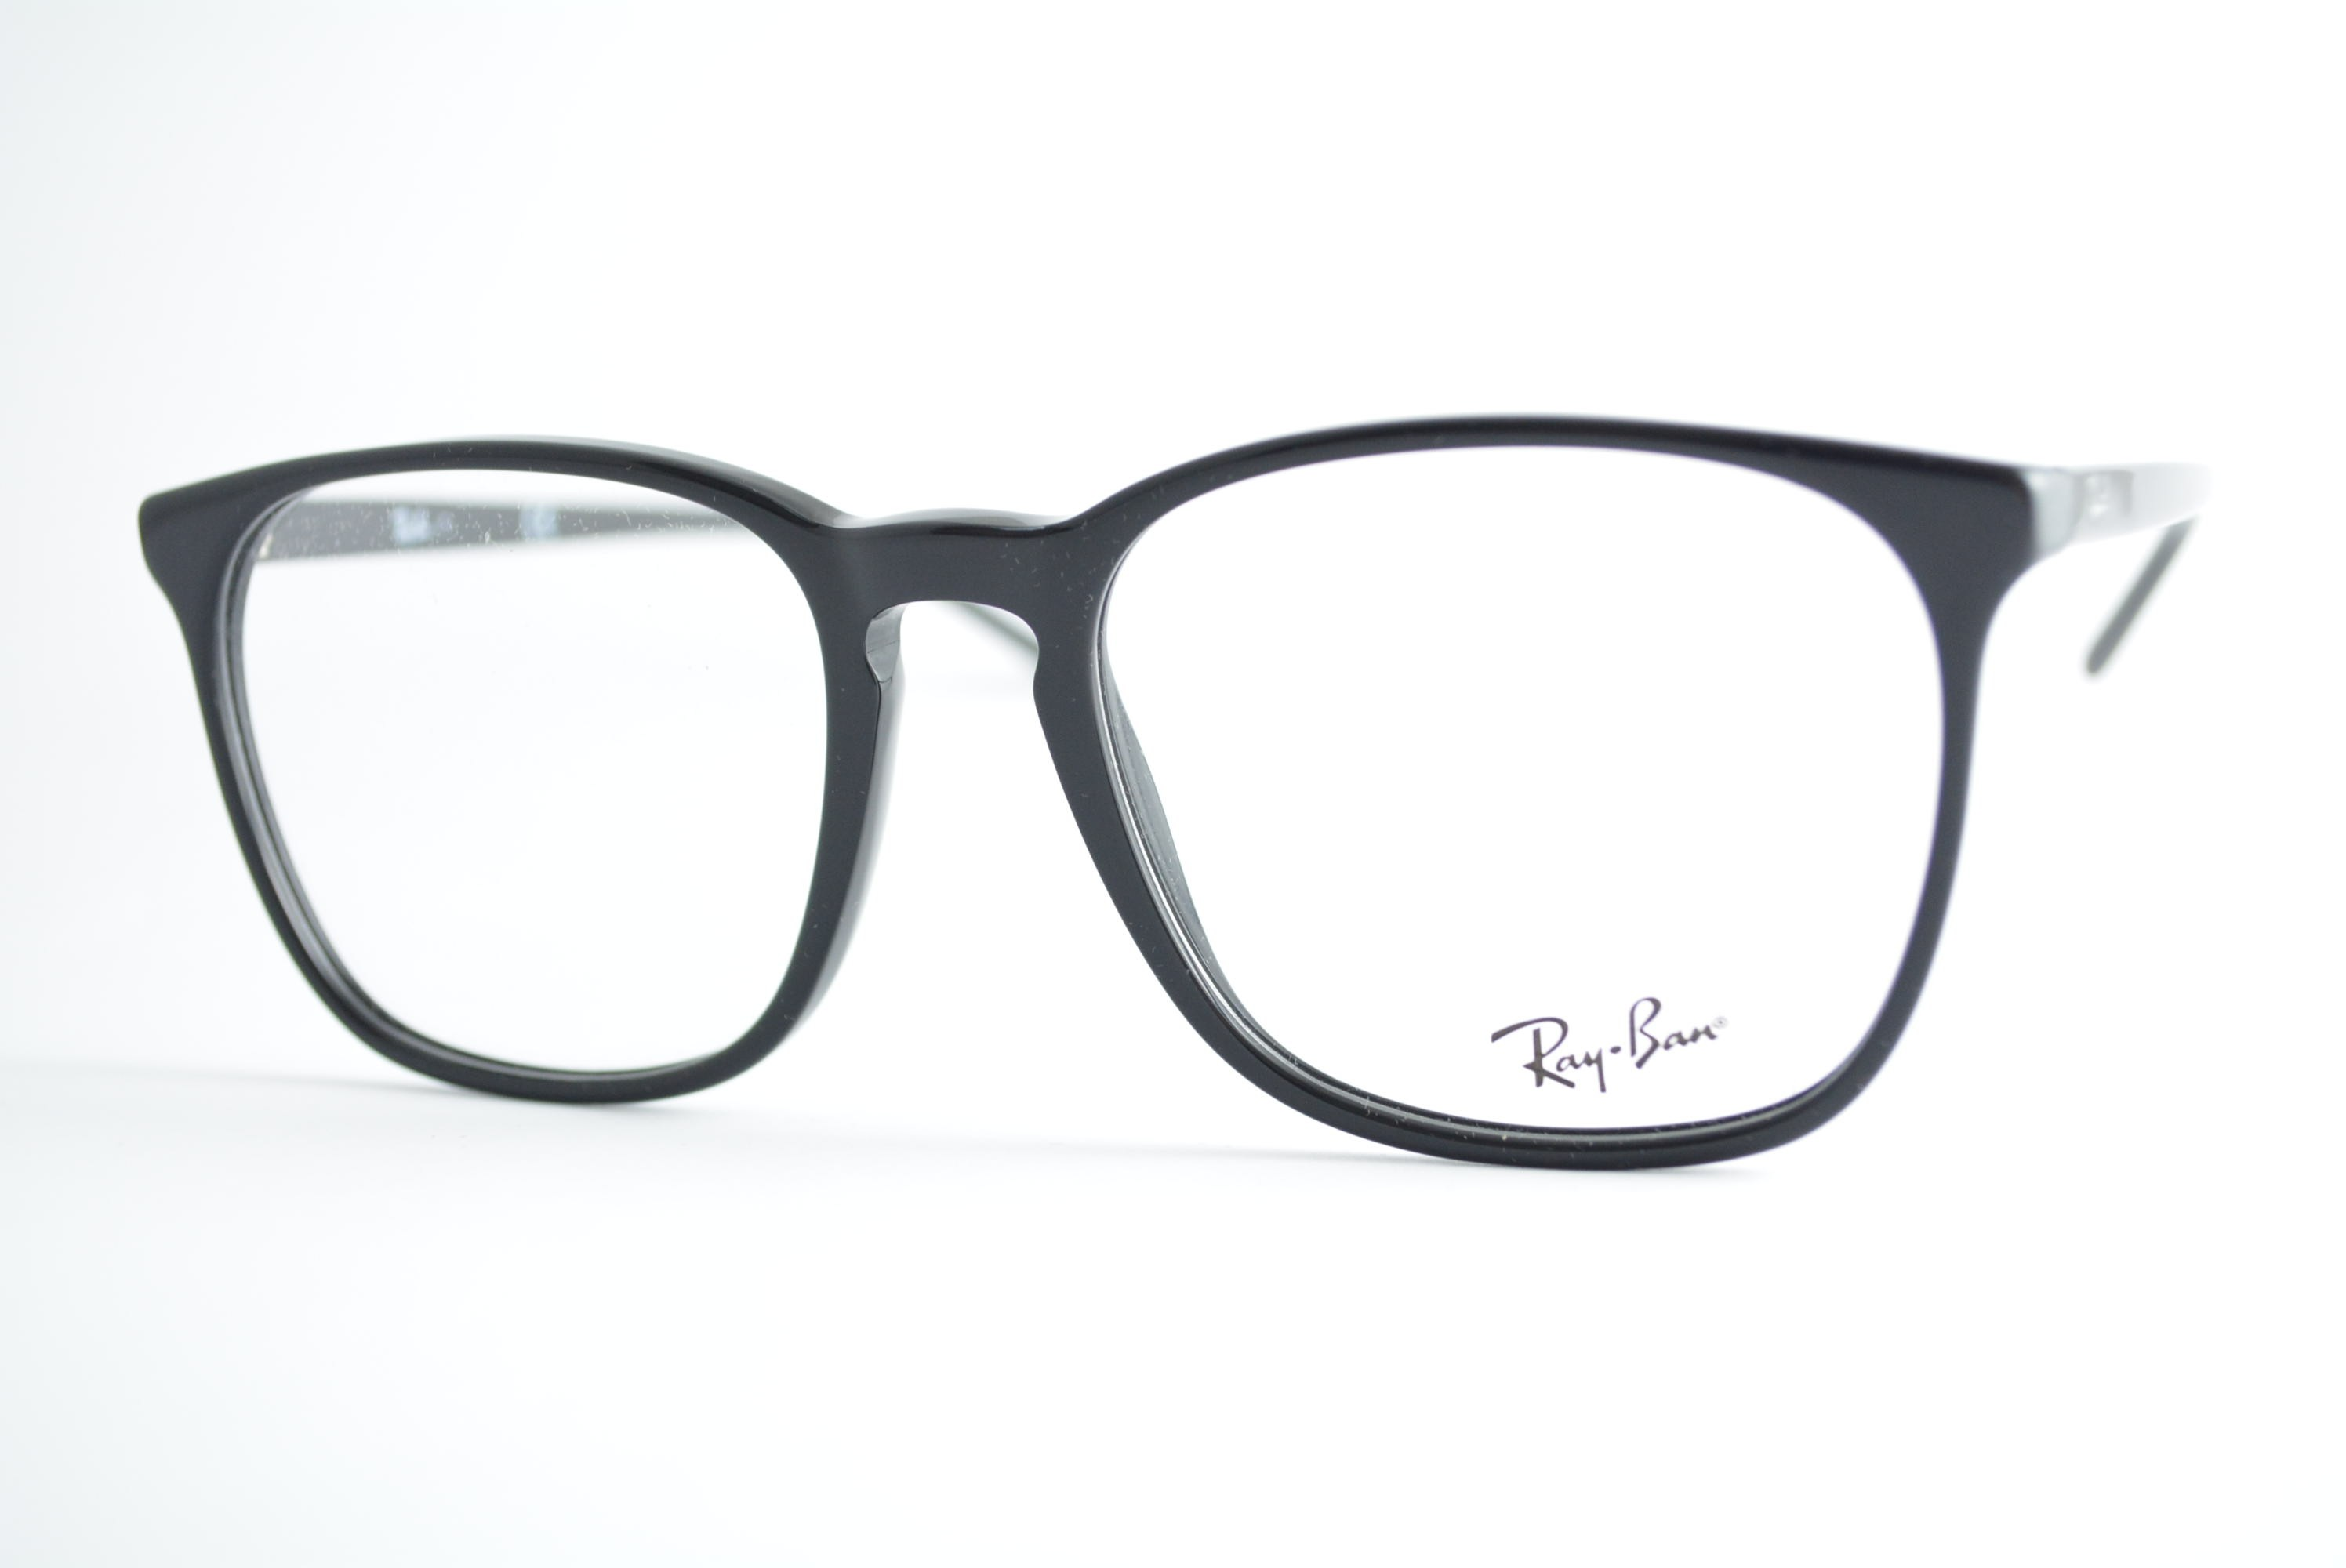 af411616c3aec armação de óculos Ray Ban mod rb5387 2000 Ótica Cardoso